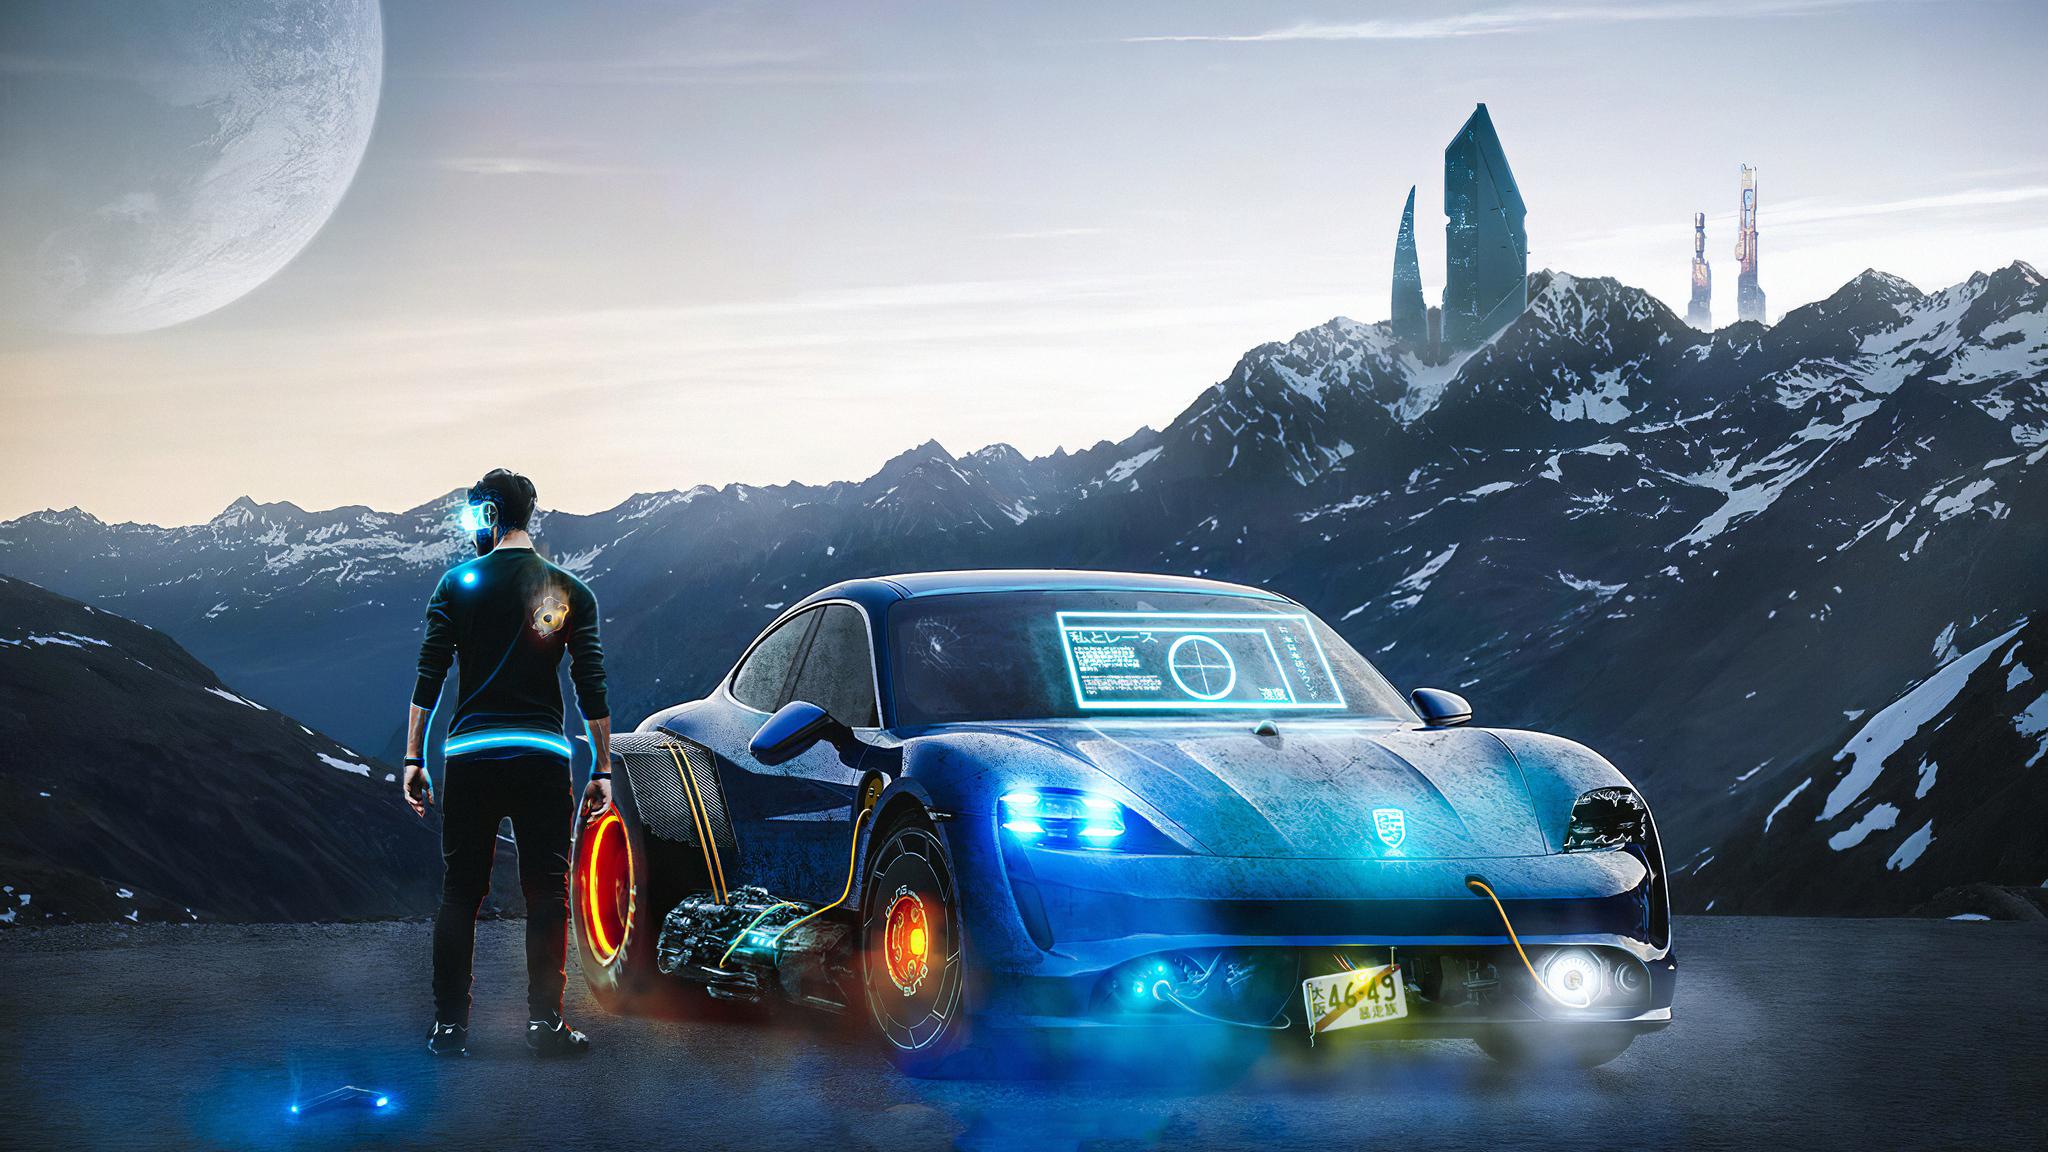 2048x1152 Porsche High Tech 2048x1152 Resolution Hd 4k